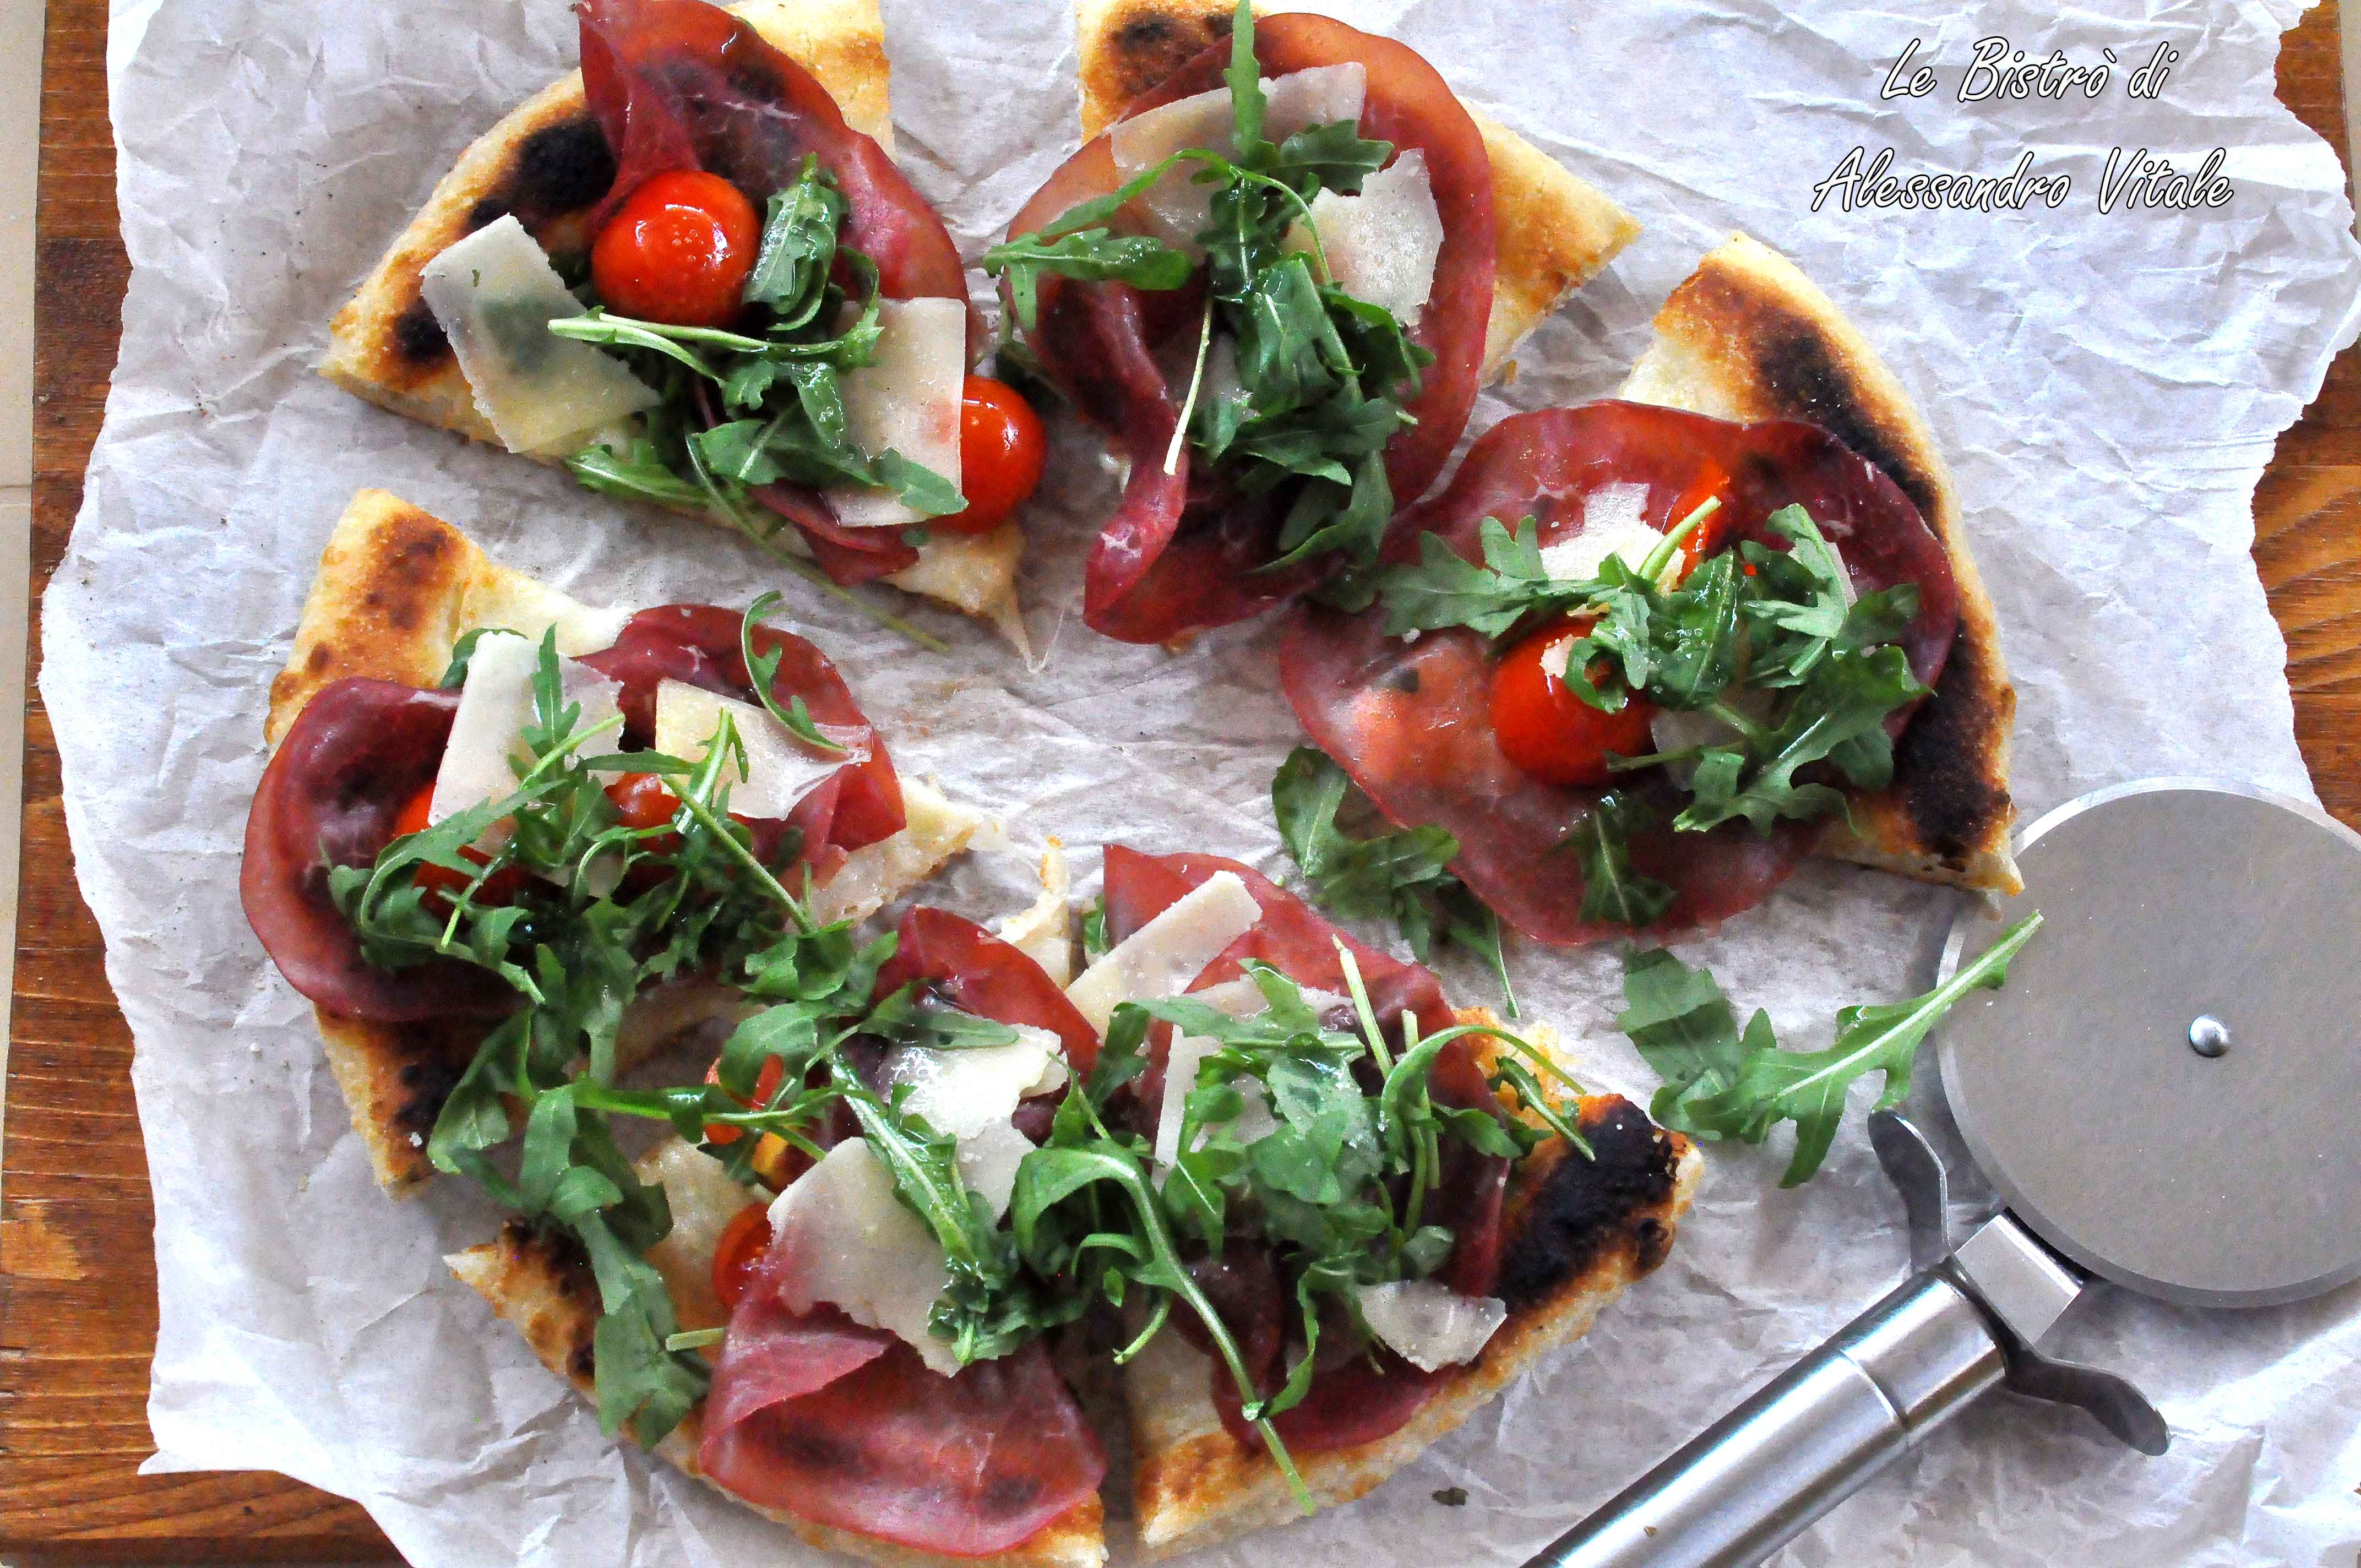 Super Pizza con bresaola pomodorini rucola e grana, secondo piatto MK26